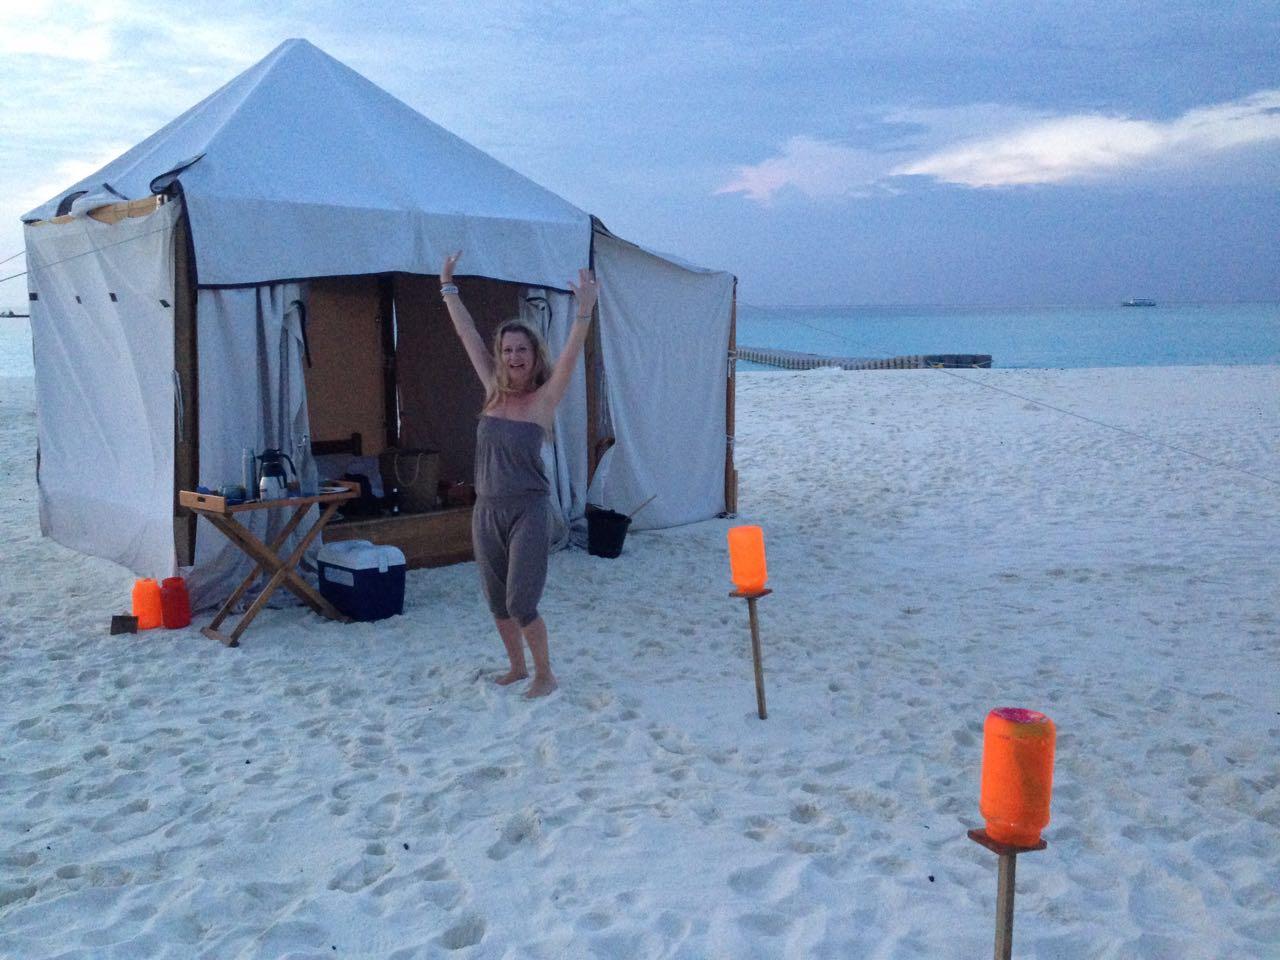 TUI-Reisebüero-Berlin-Malediven-Soneva-Fushi-Übernachten-auf-der-Sandbank